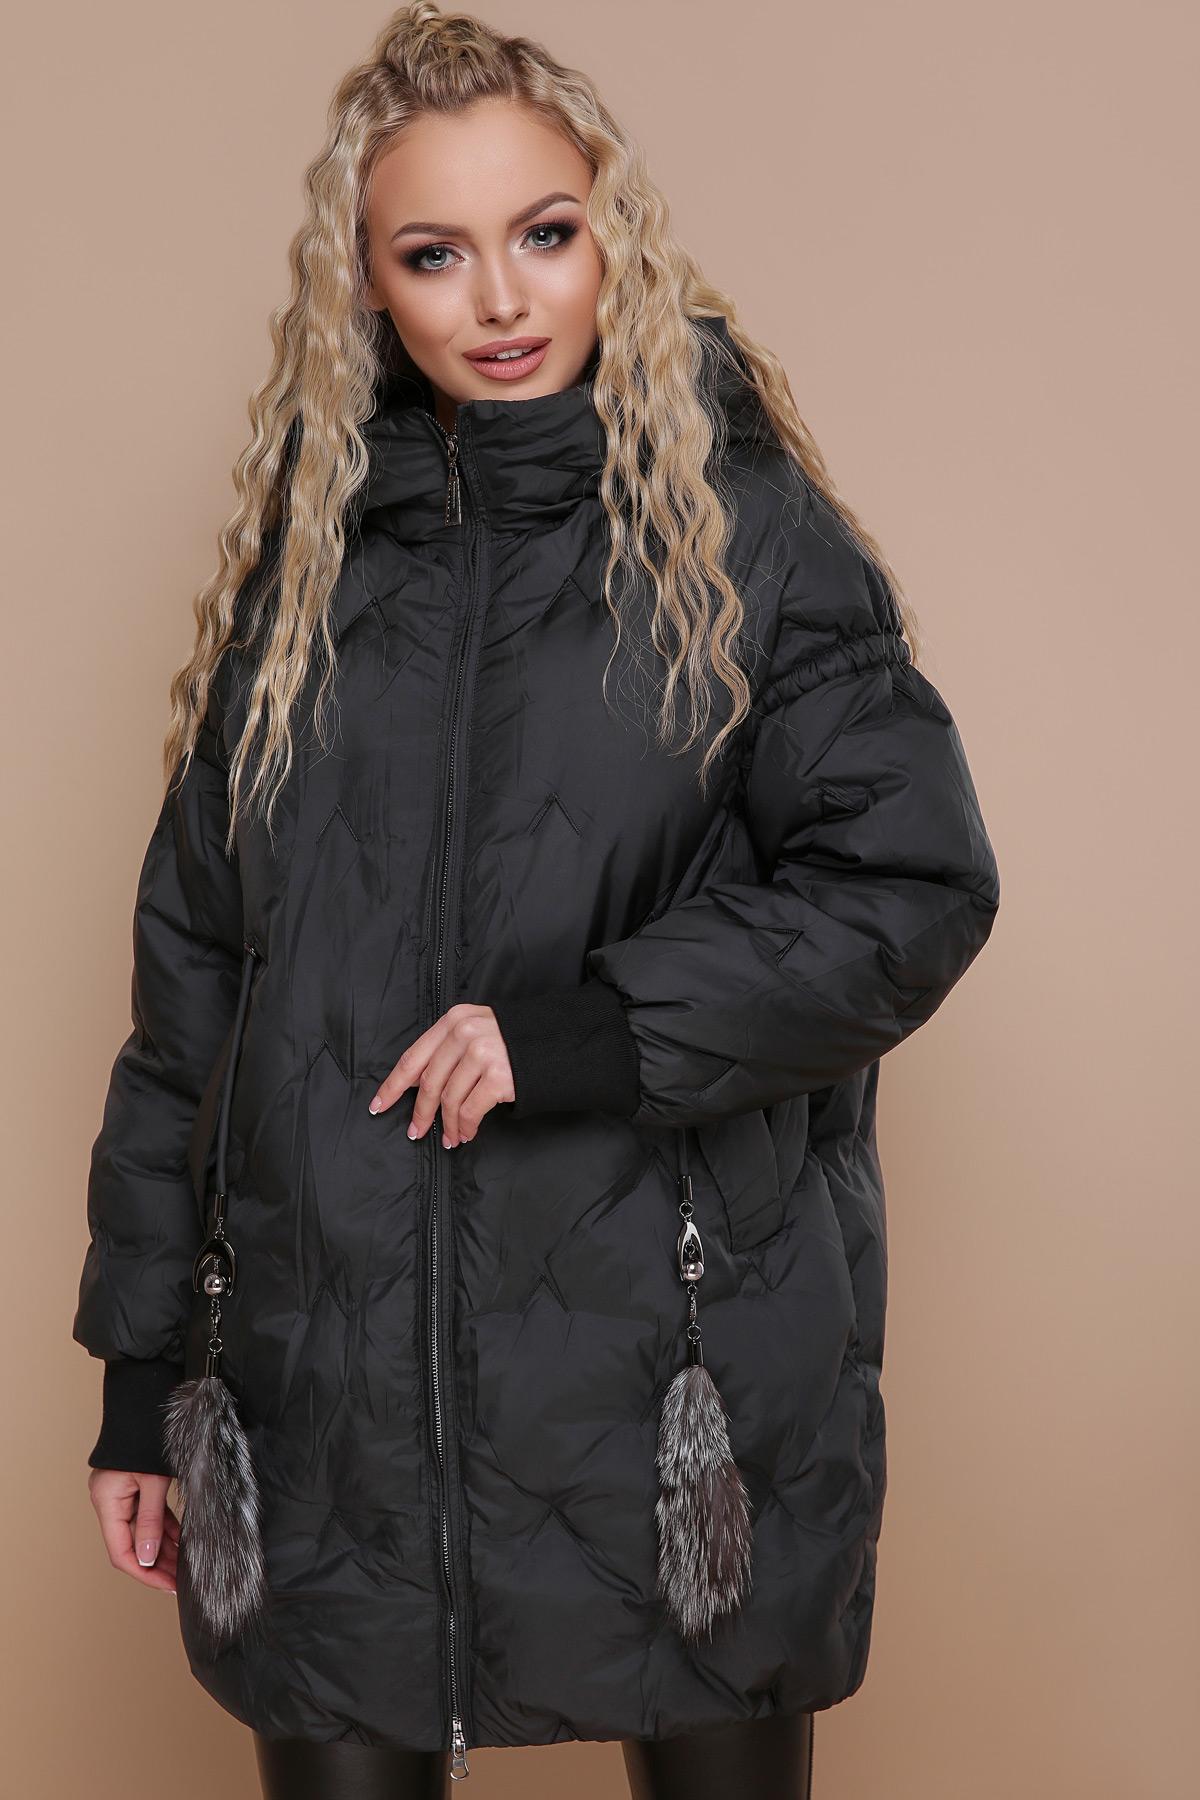 ab8b2ea2335 черная куртка оверсайз. Куртка 1912. Цвет  черный